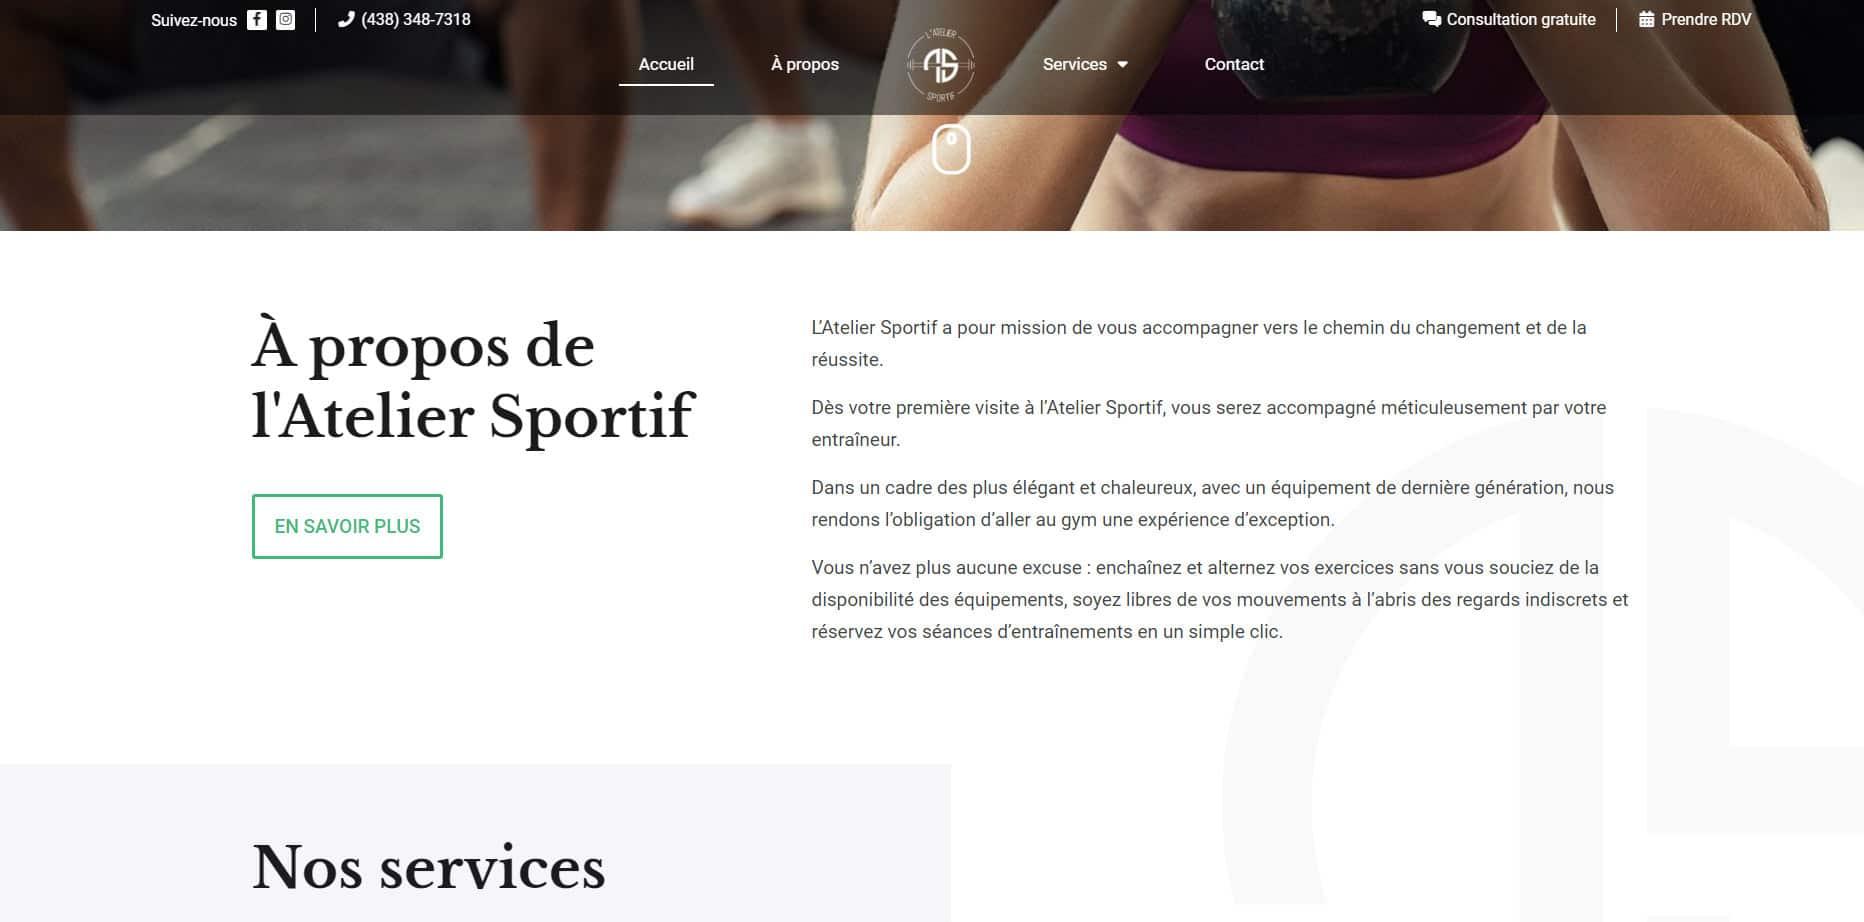 atelier-sportif-2